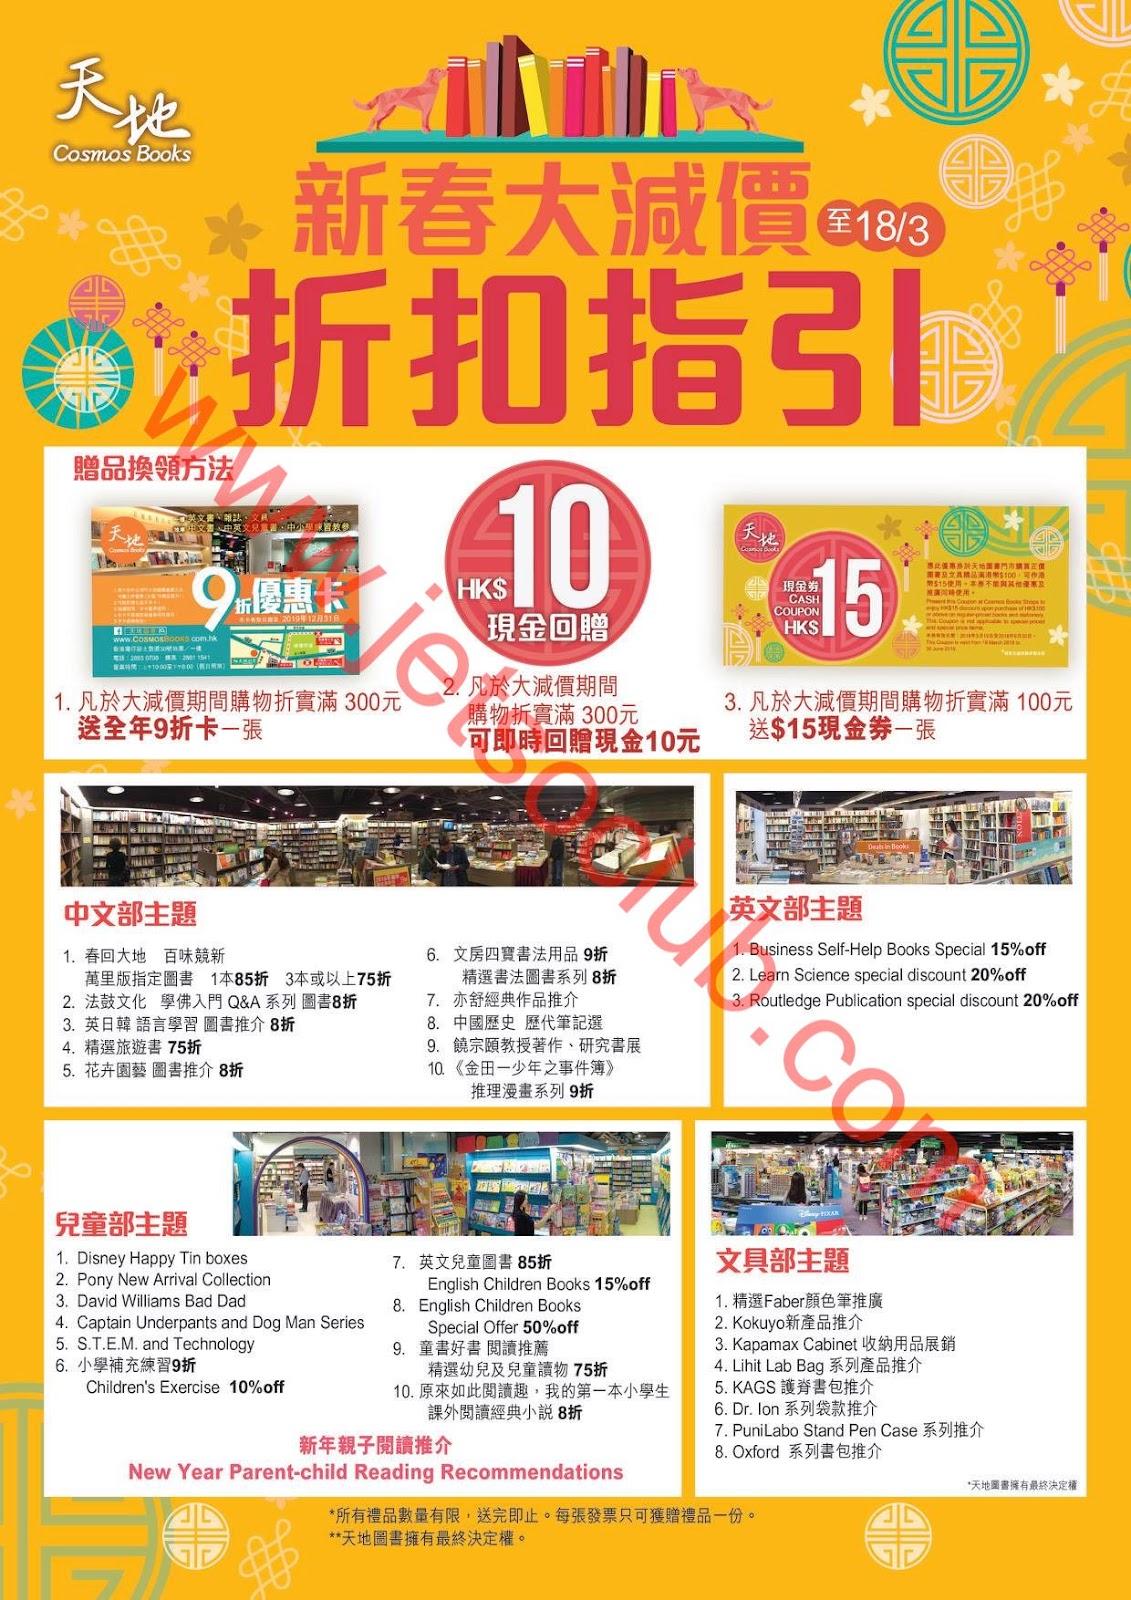 天地圖書:新春大減價(至18/3) ( Jetso Club 著數俱樂部 )